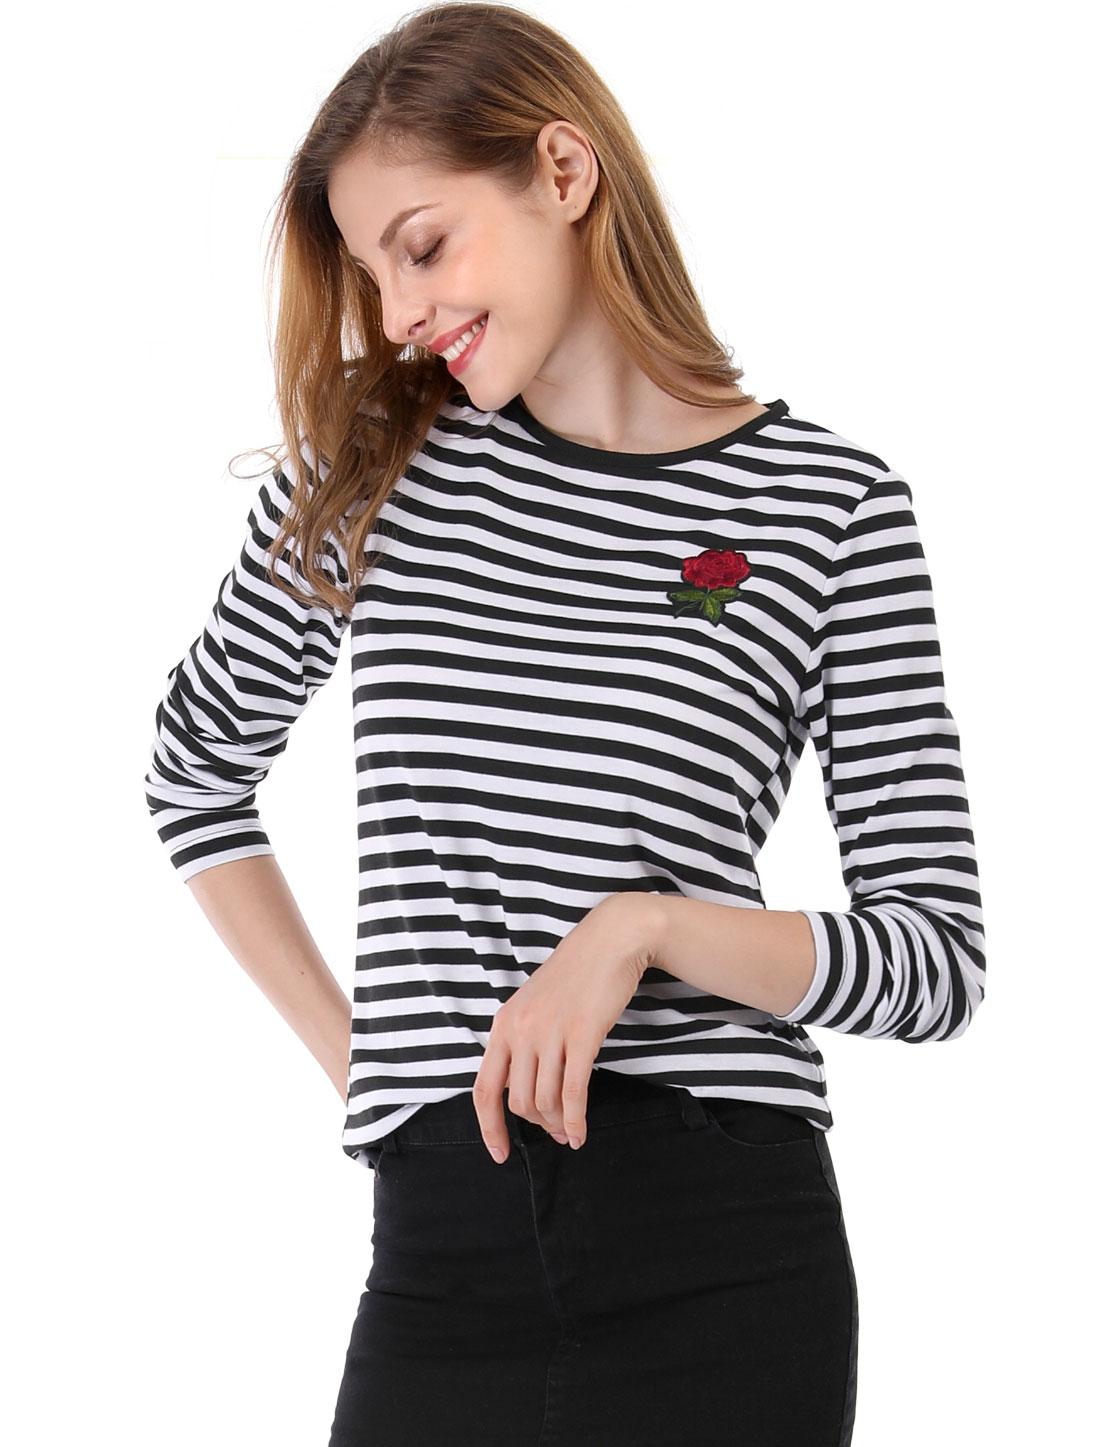 Allegra K Women Rose Patch Piped Crew Neckline Striped Top Black XL